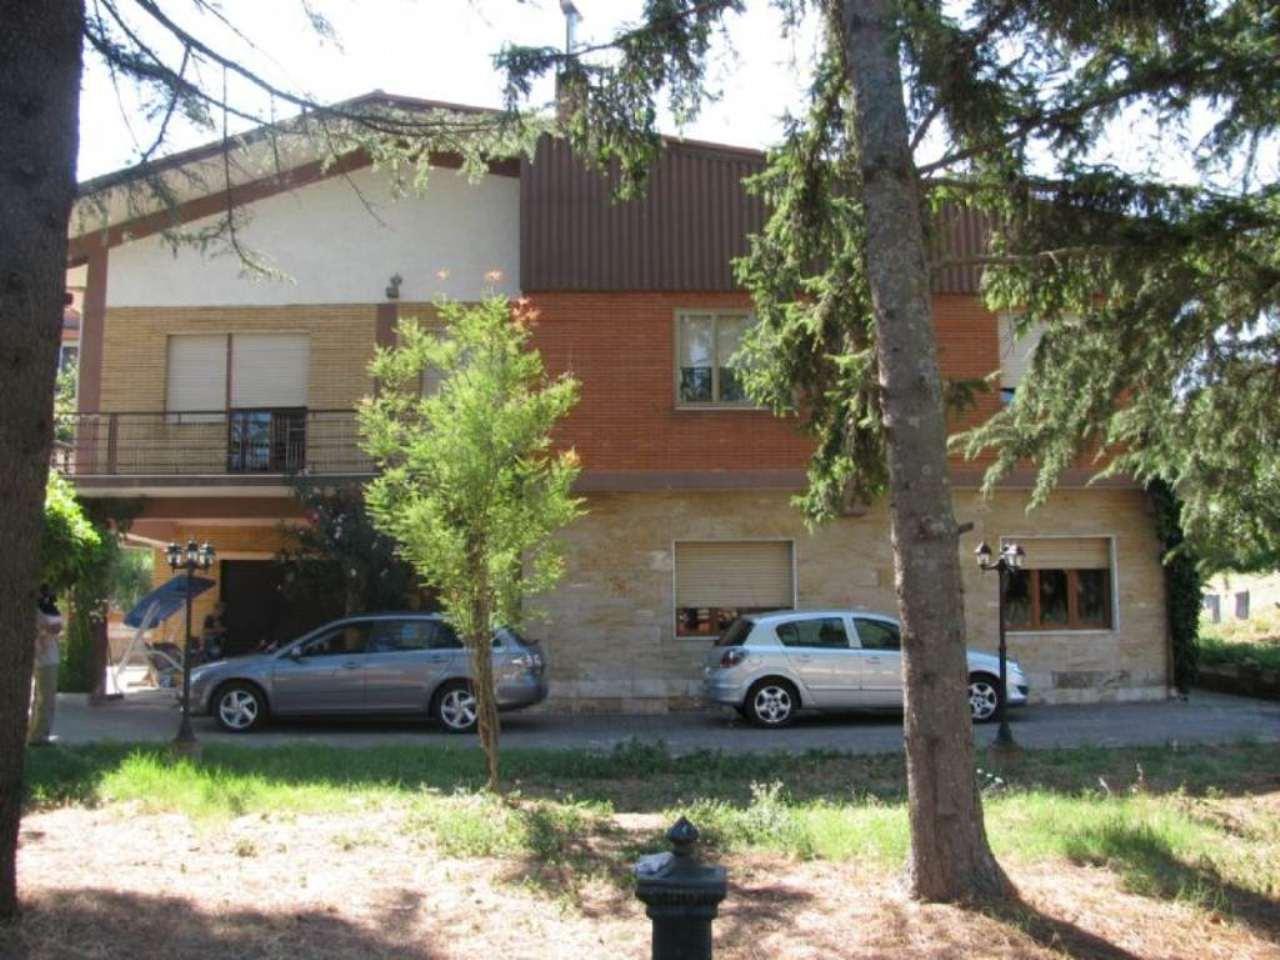 Villa in vendita a San Nicola Baronia, 8 locali, prezzo € 250.000 | Cambio Casa.it